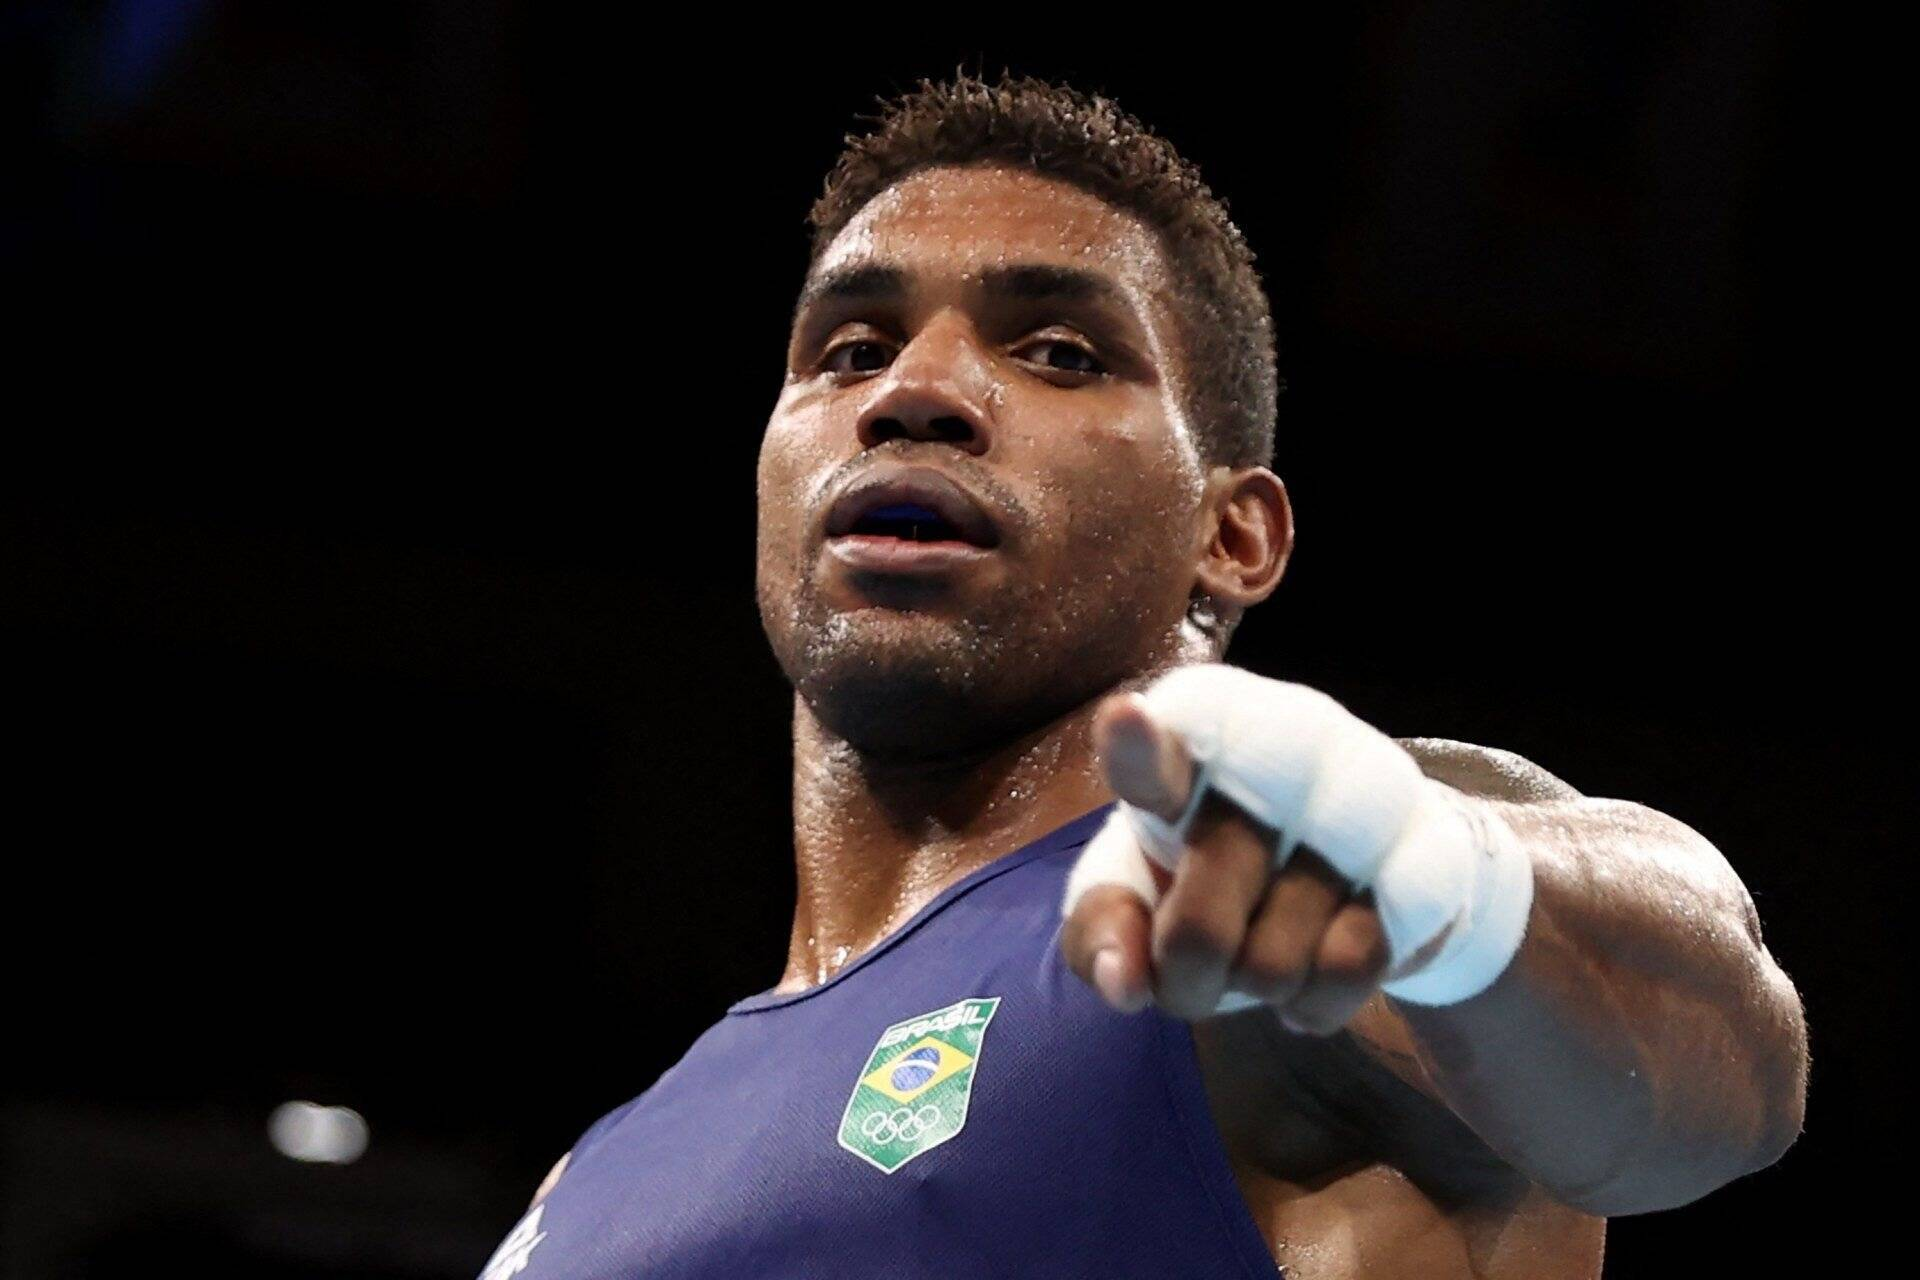 Técnico exalta bronze de Abner, mas desabafa sobre a falta de apoio ao boxe. Foto: redacao@odia.com.br (O Dia)